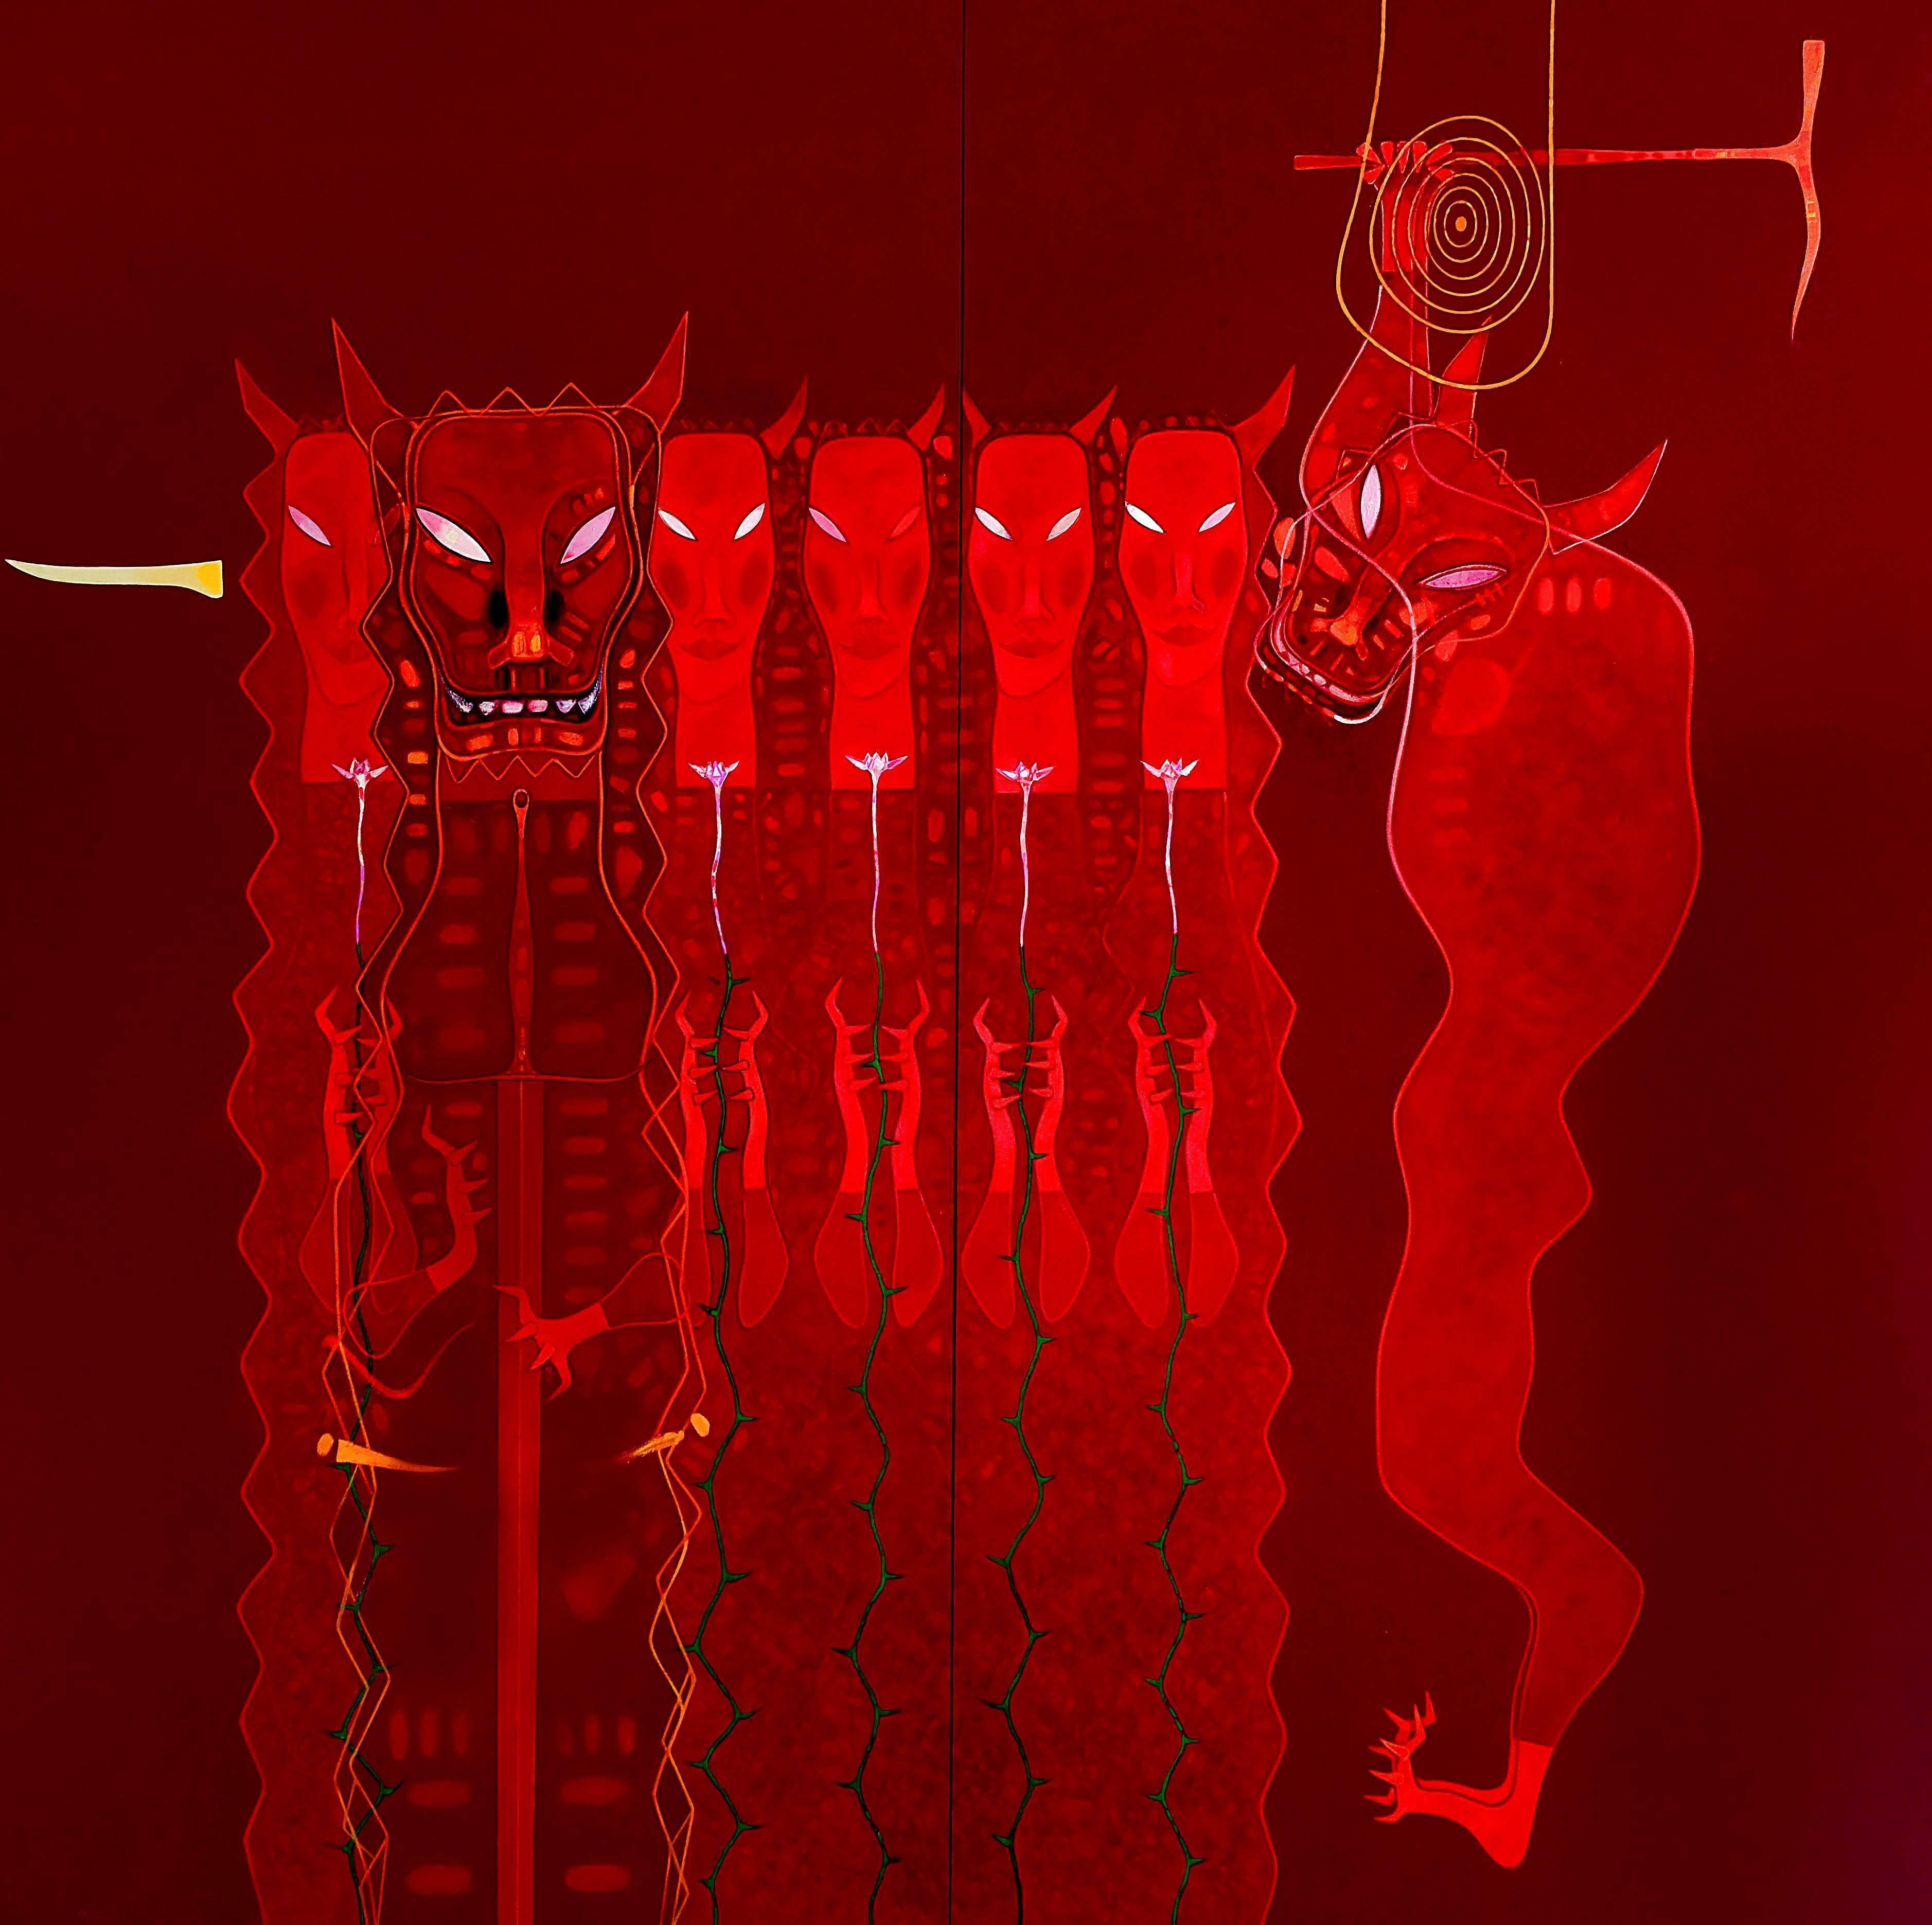 黃銘哲|千錘百鍊-王者再現|2008-09|364x364cm